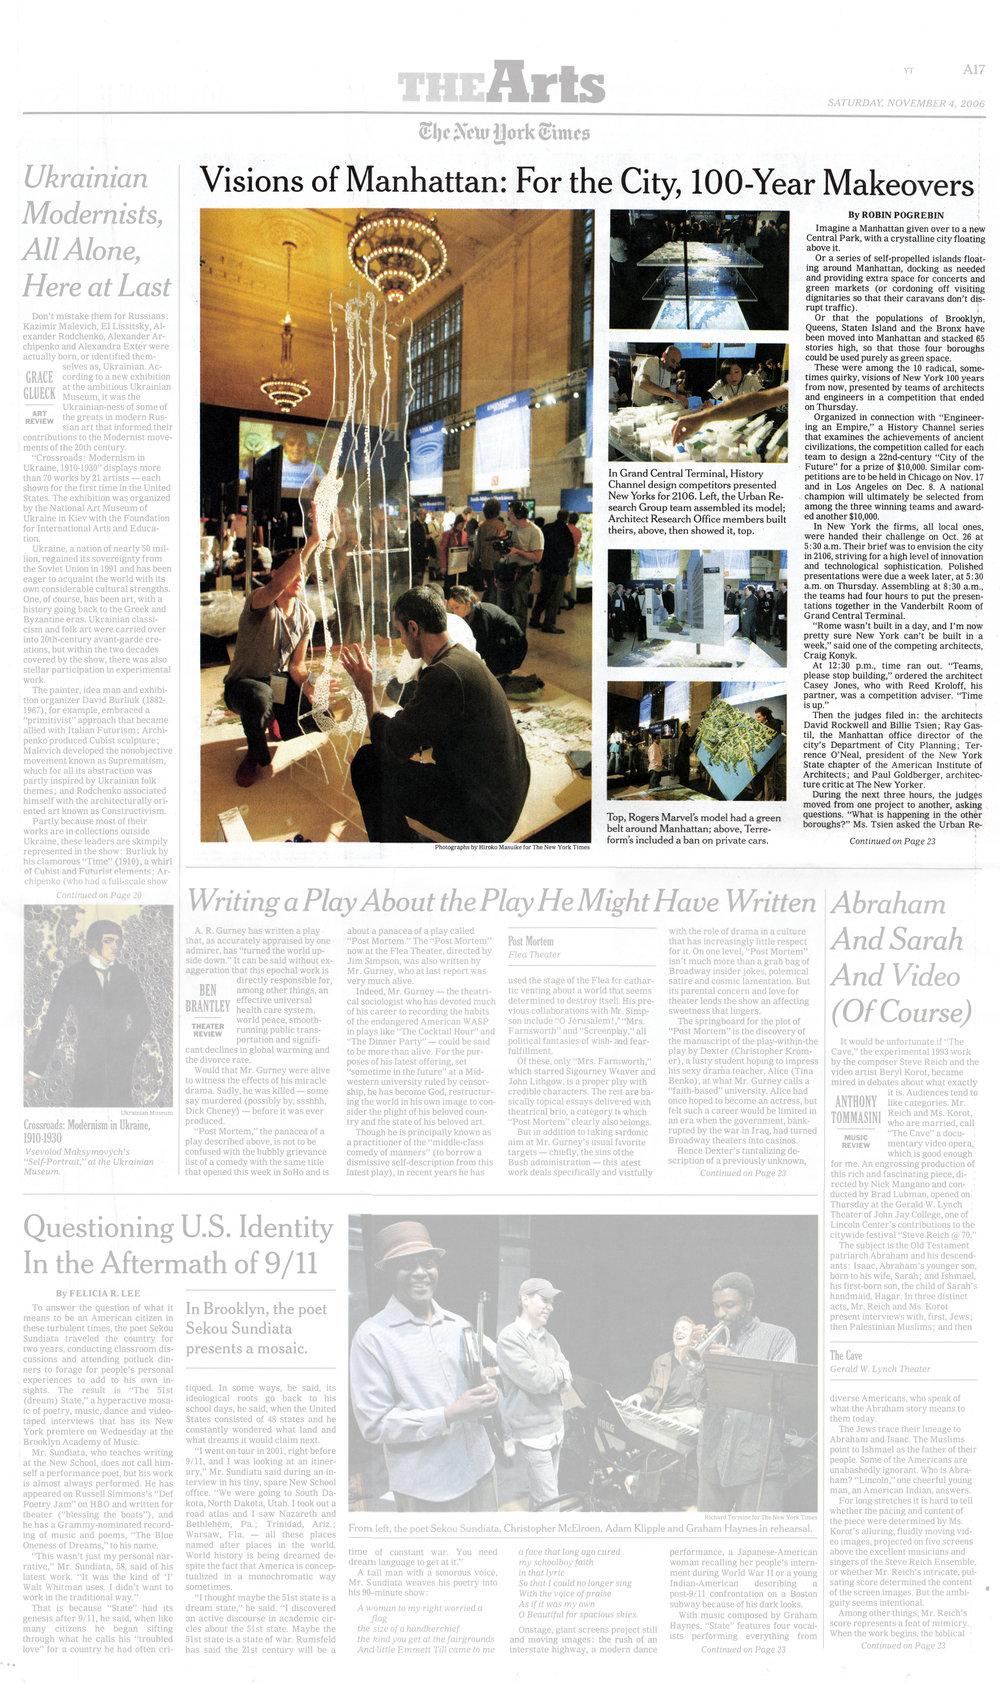 NYT-06.jpg